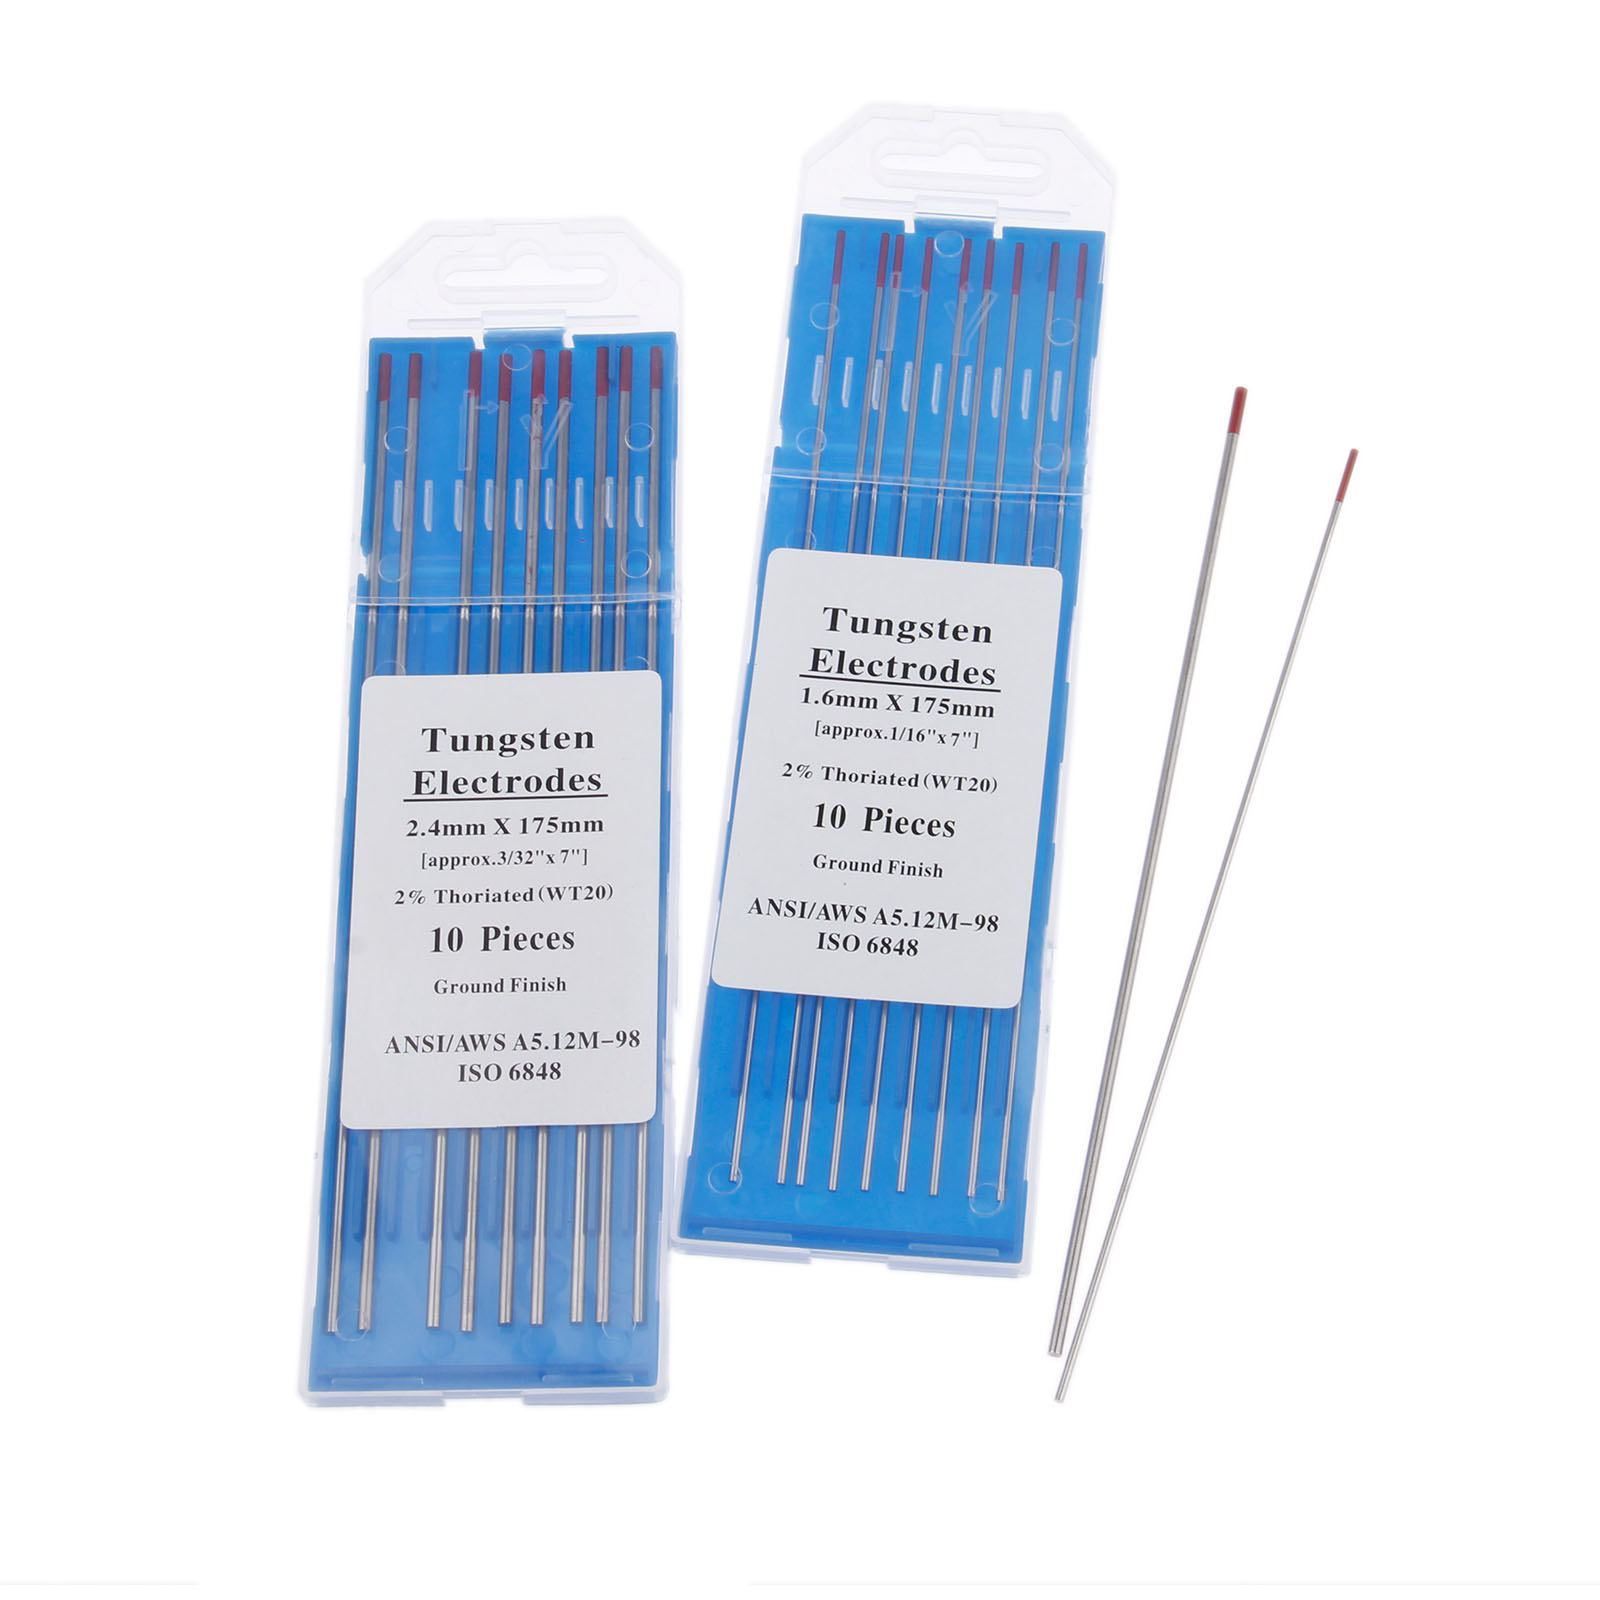 red,white,grey,blue,gold,black 10 x 1.6mm Tig Welding Tungsten Electrodes